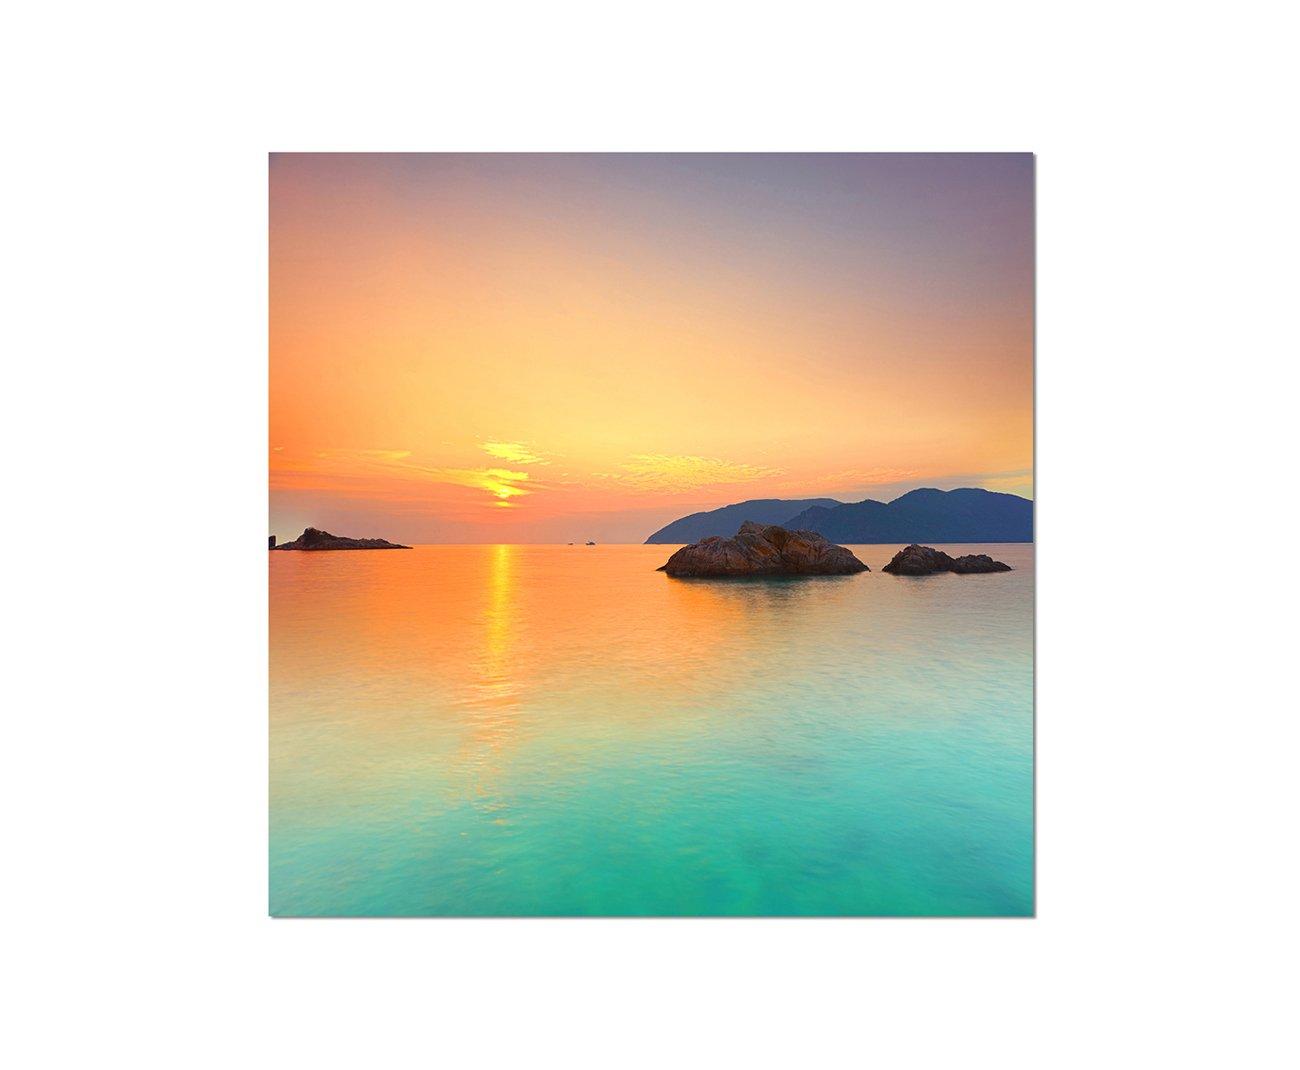 Bilder und Dekoration WANDBILD Sonnenuntergang See Con Dao Vietnam 80x80cm Leinwandbild auf Keilrahmen modern stilvoll